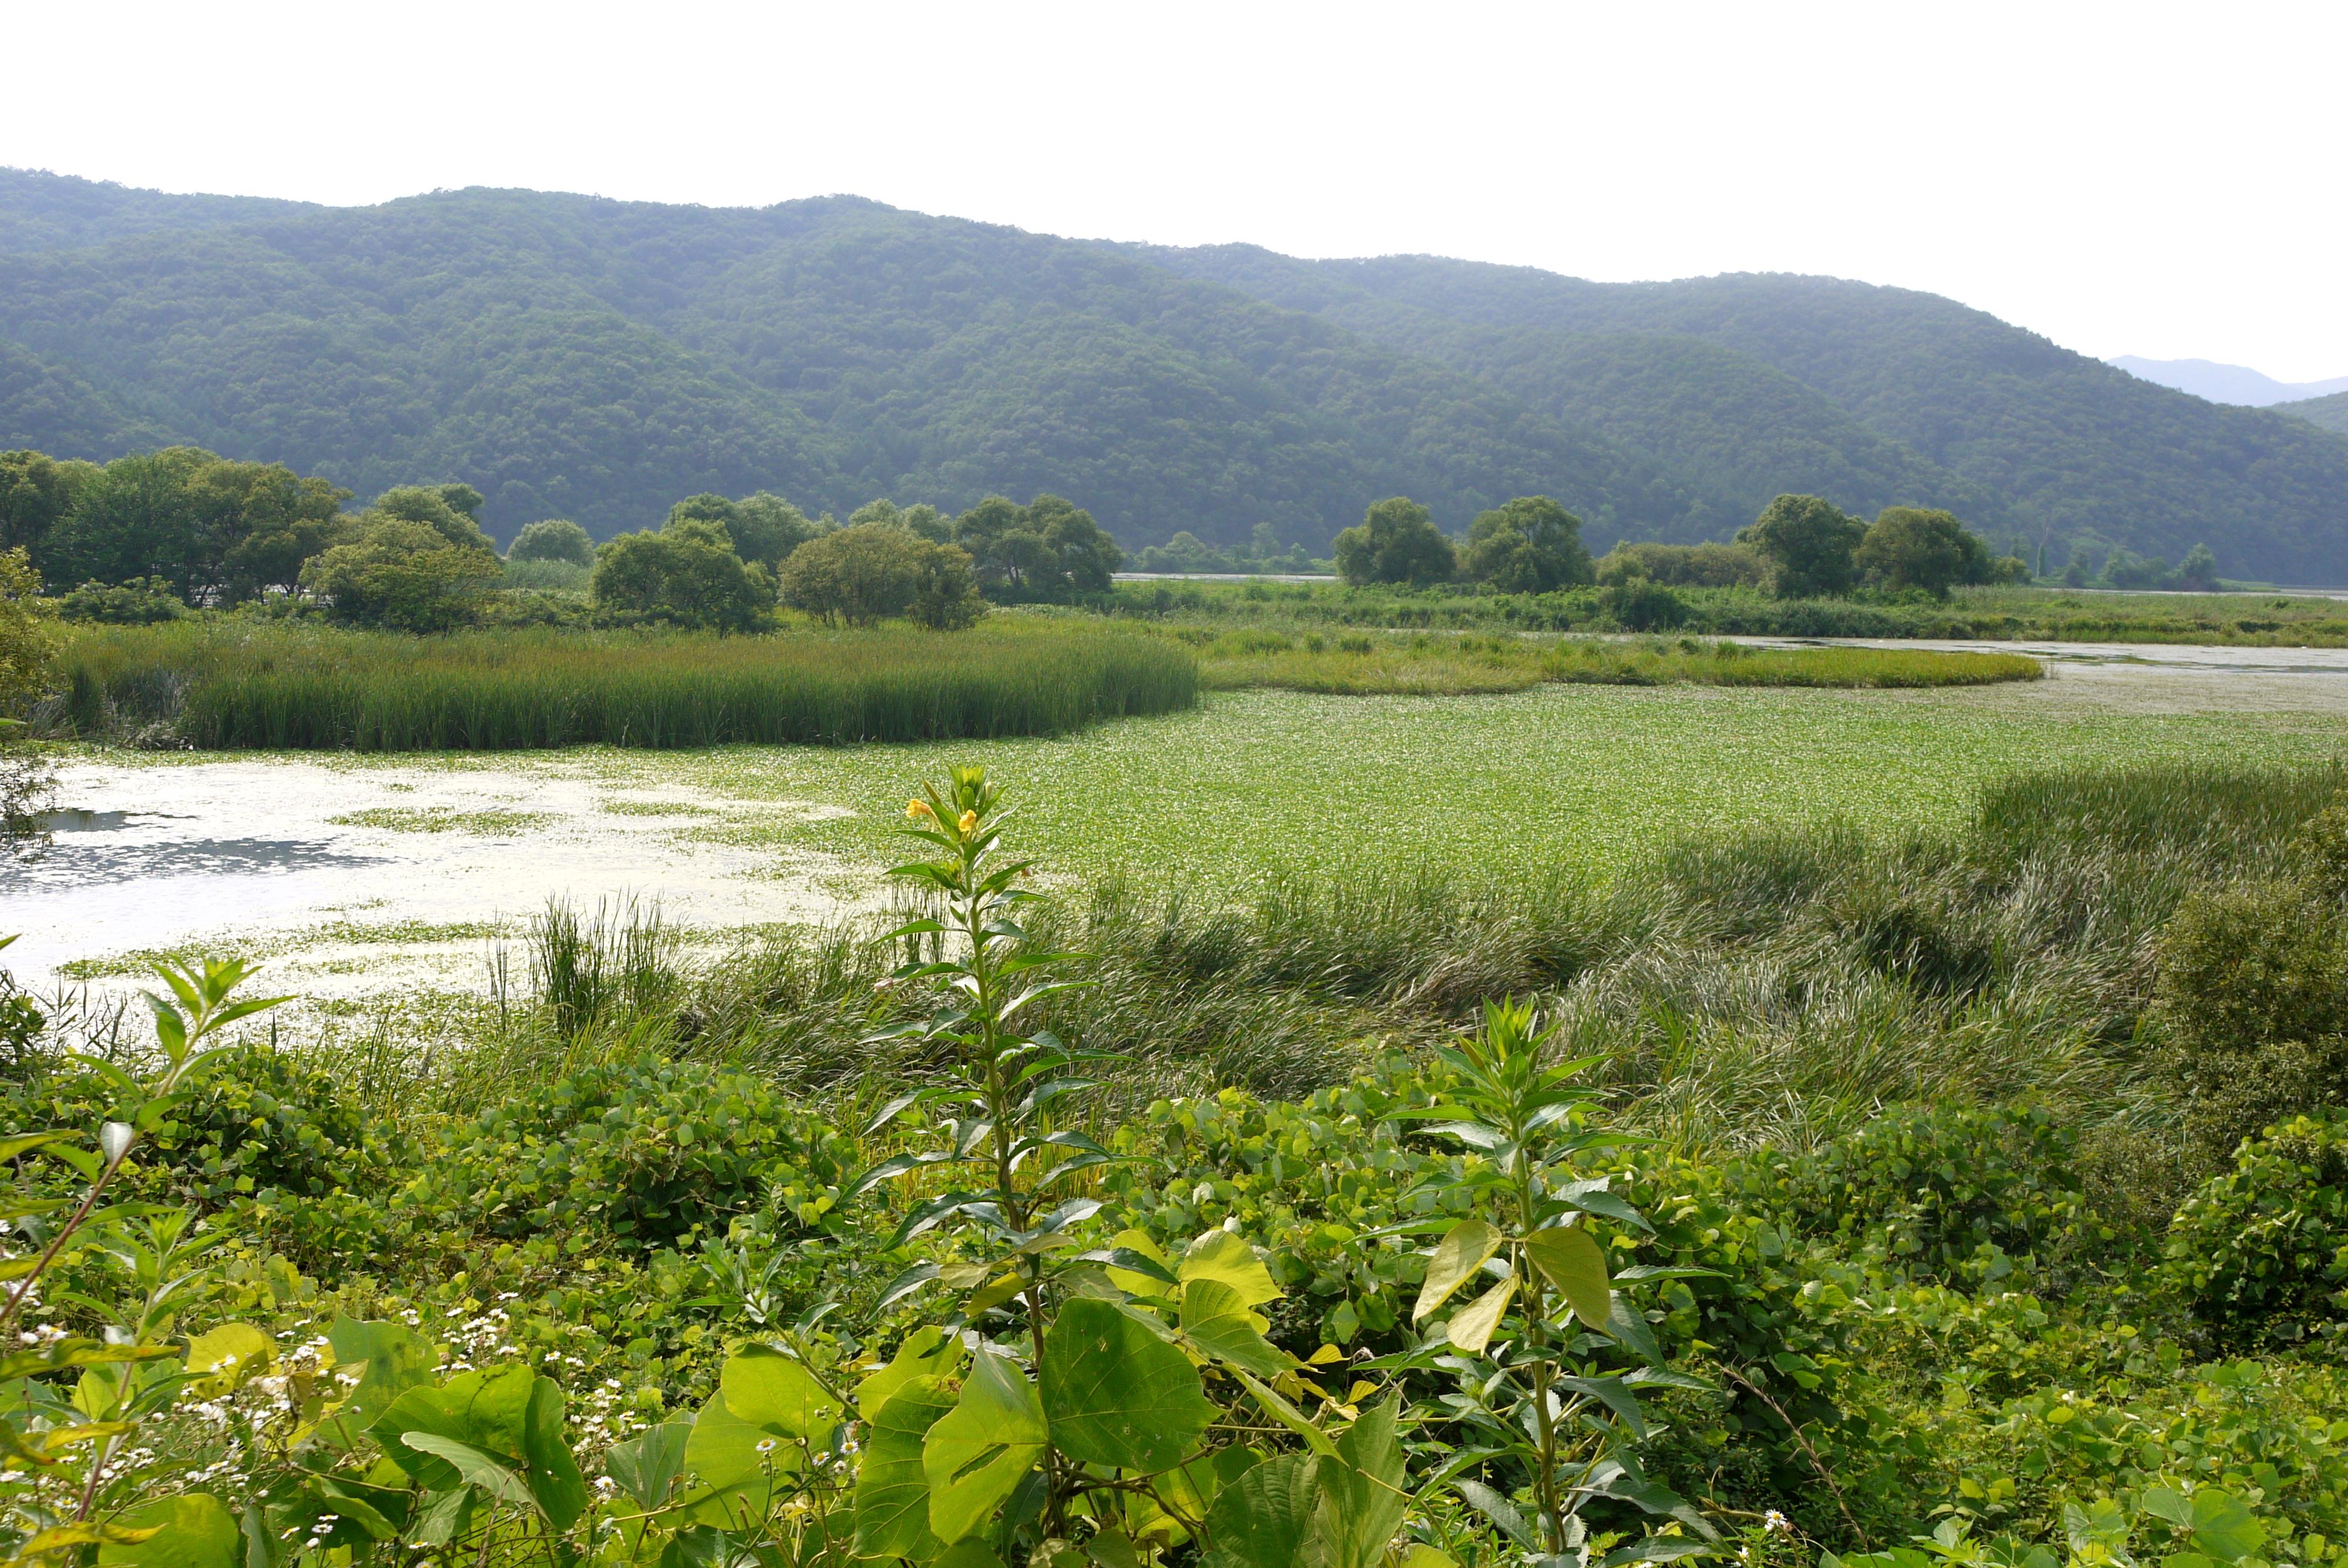 연못이 보이는 생태공원 전경